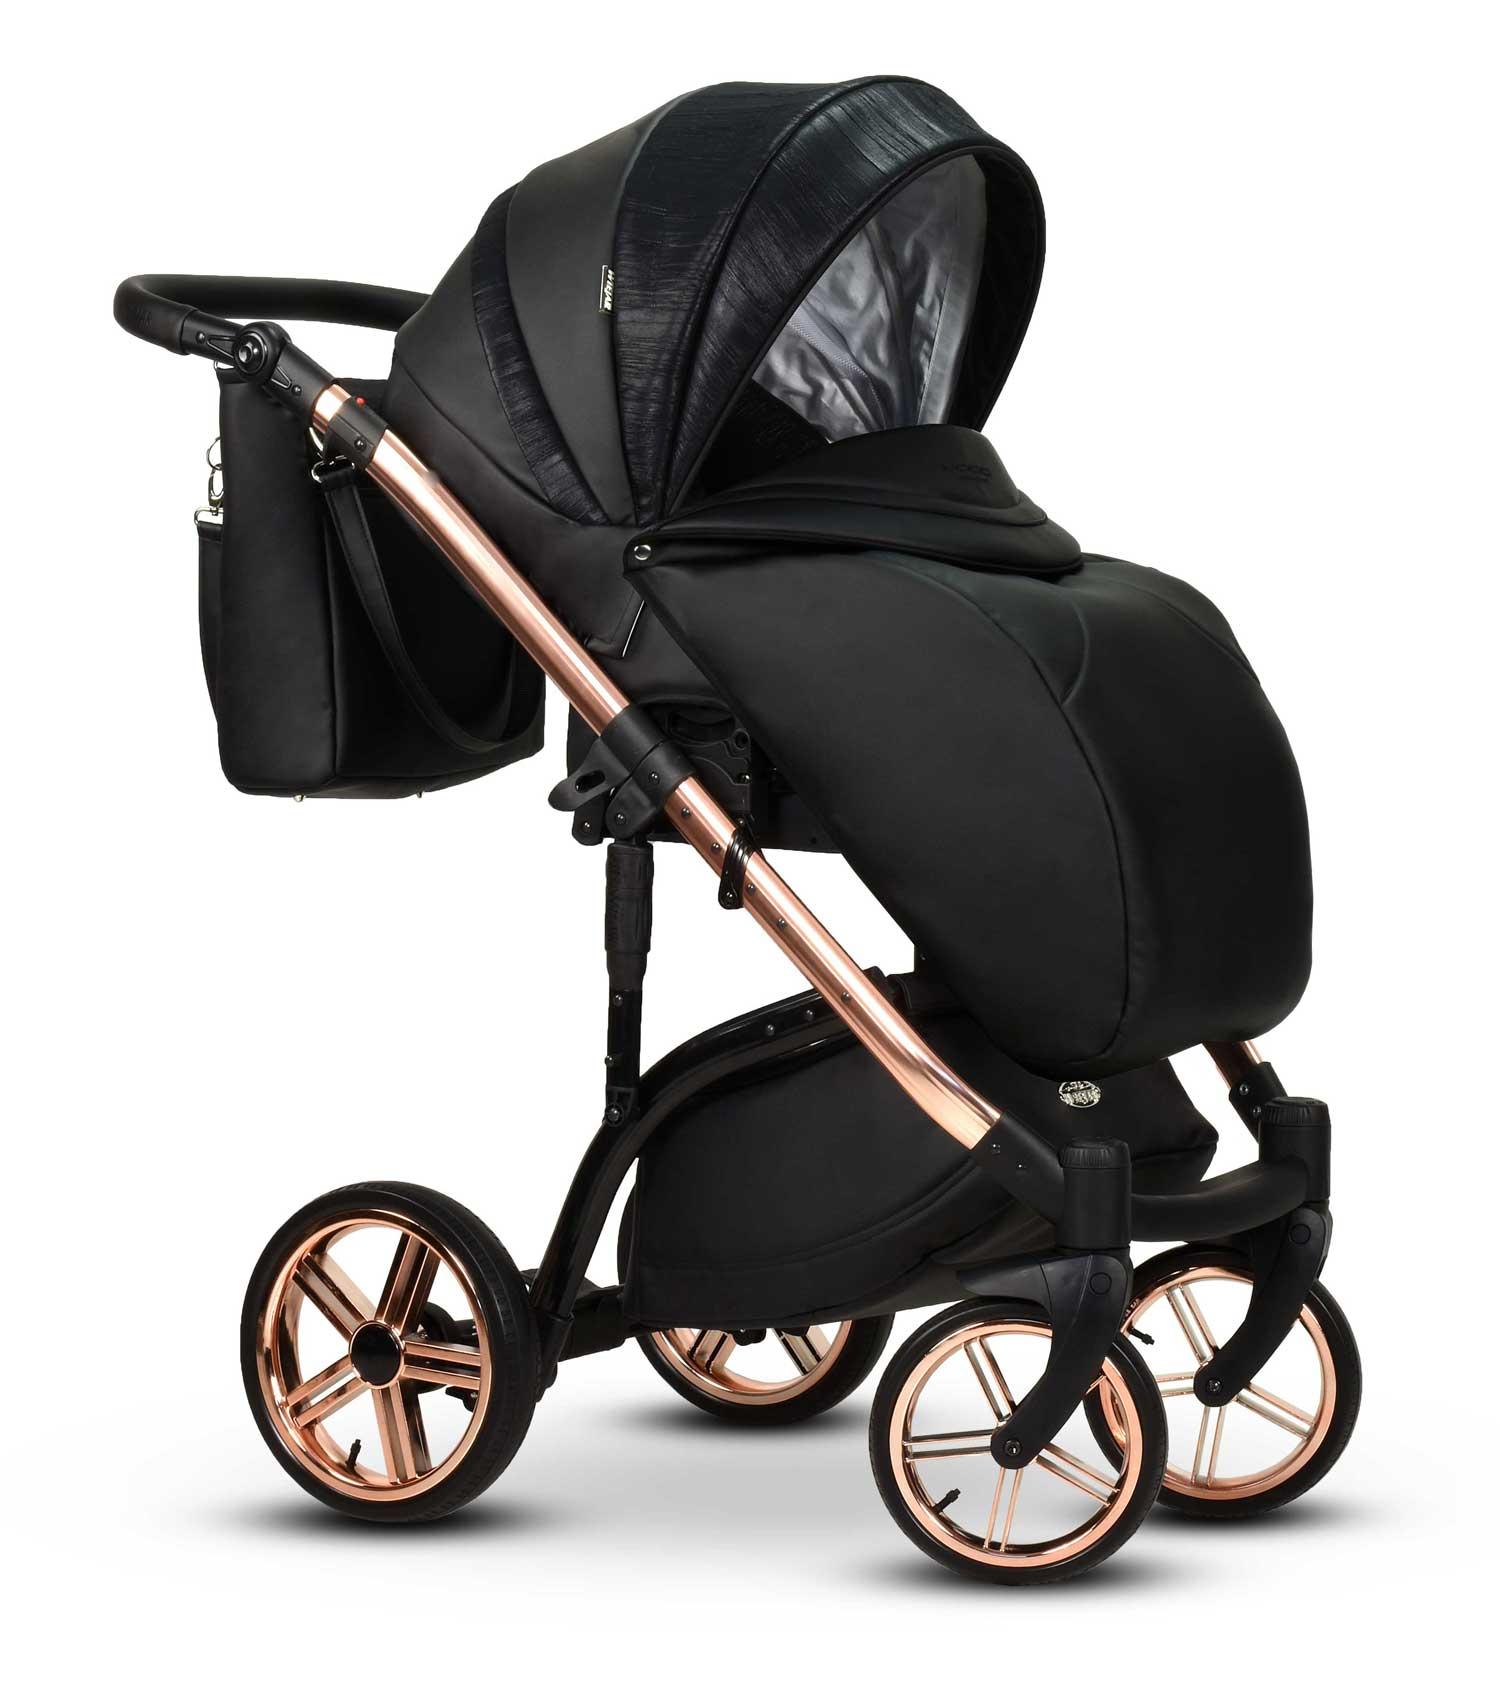 wielofunkcyjny wózek dziecięcy Monte Negro Wiejar spacerówka